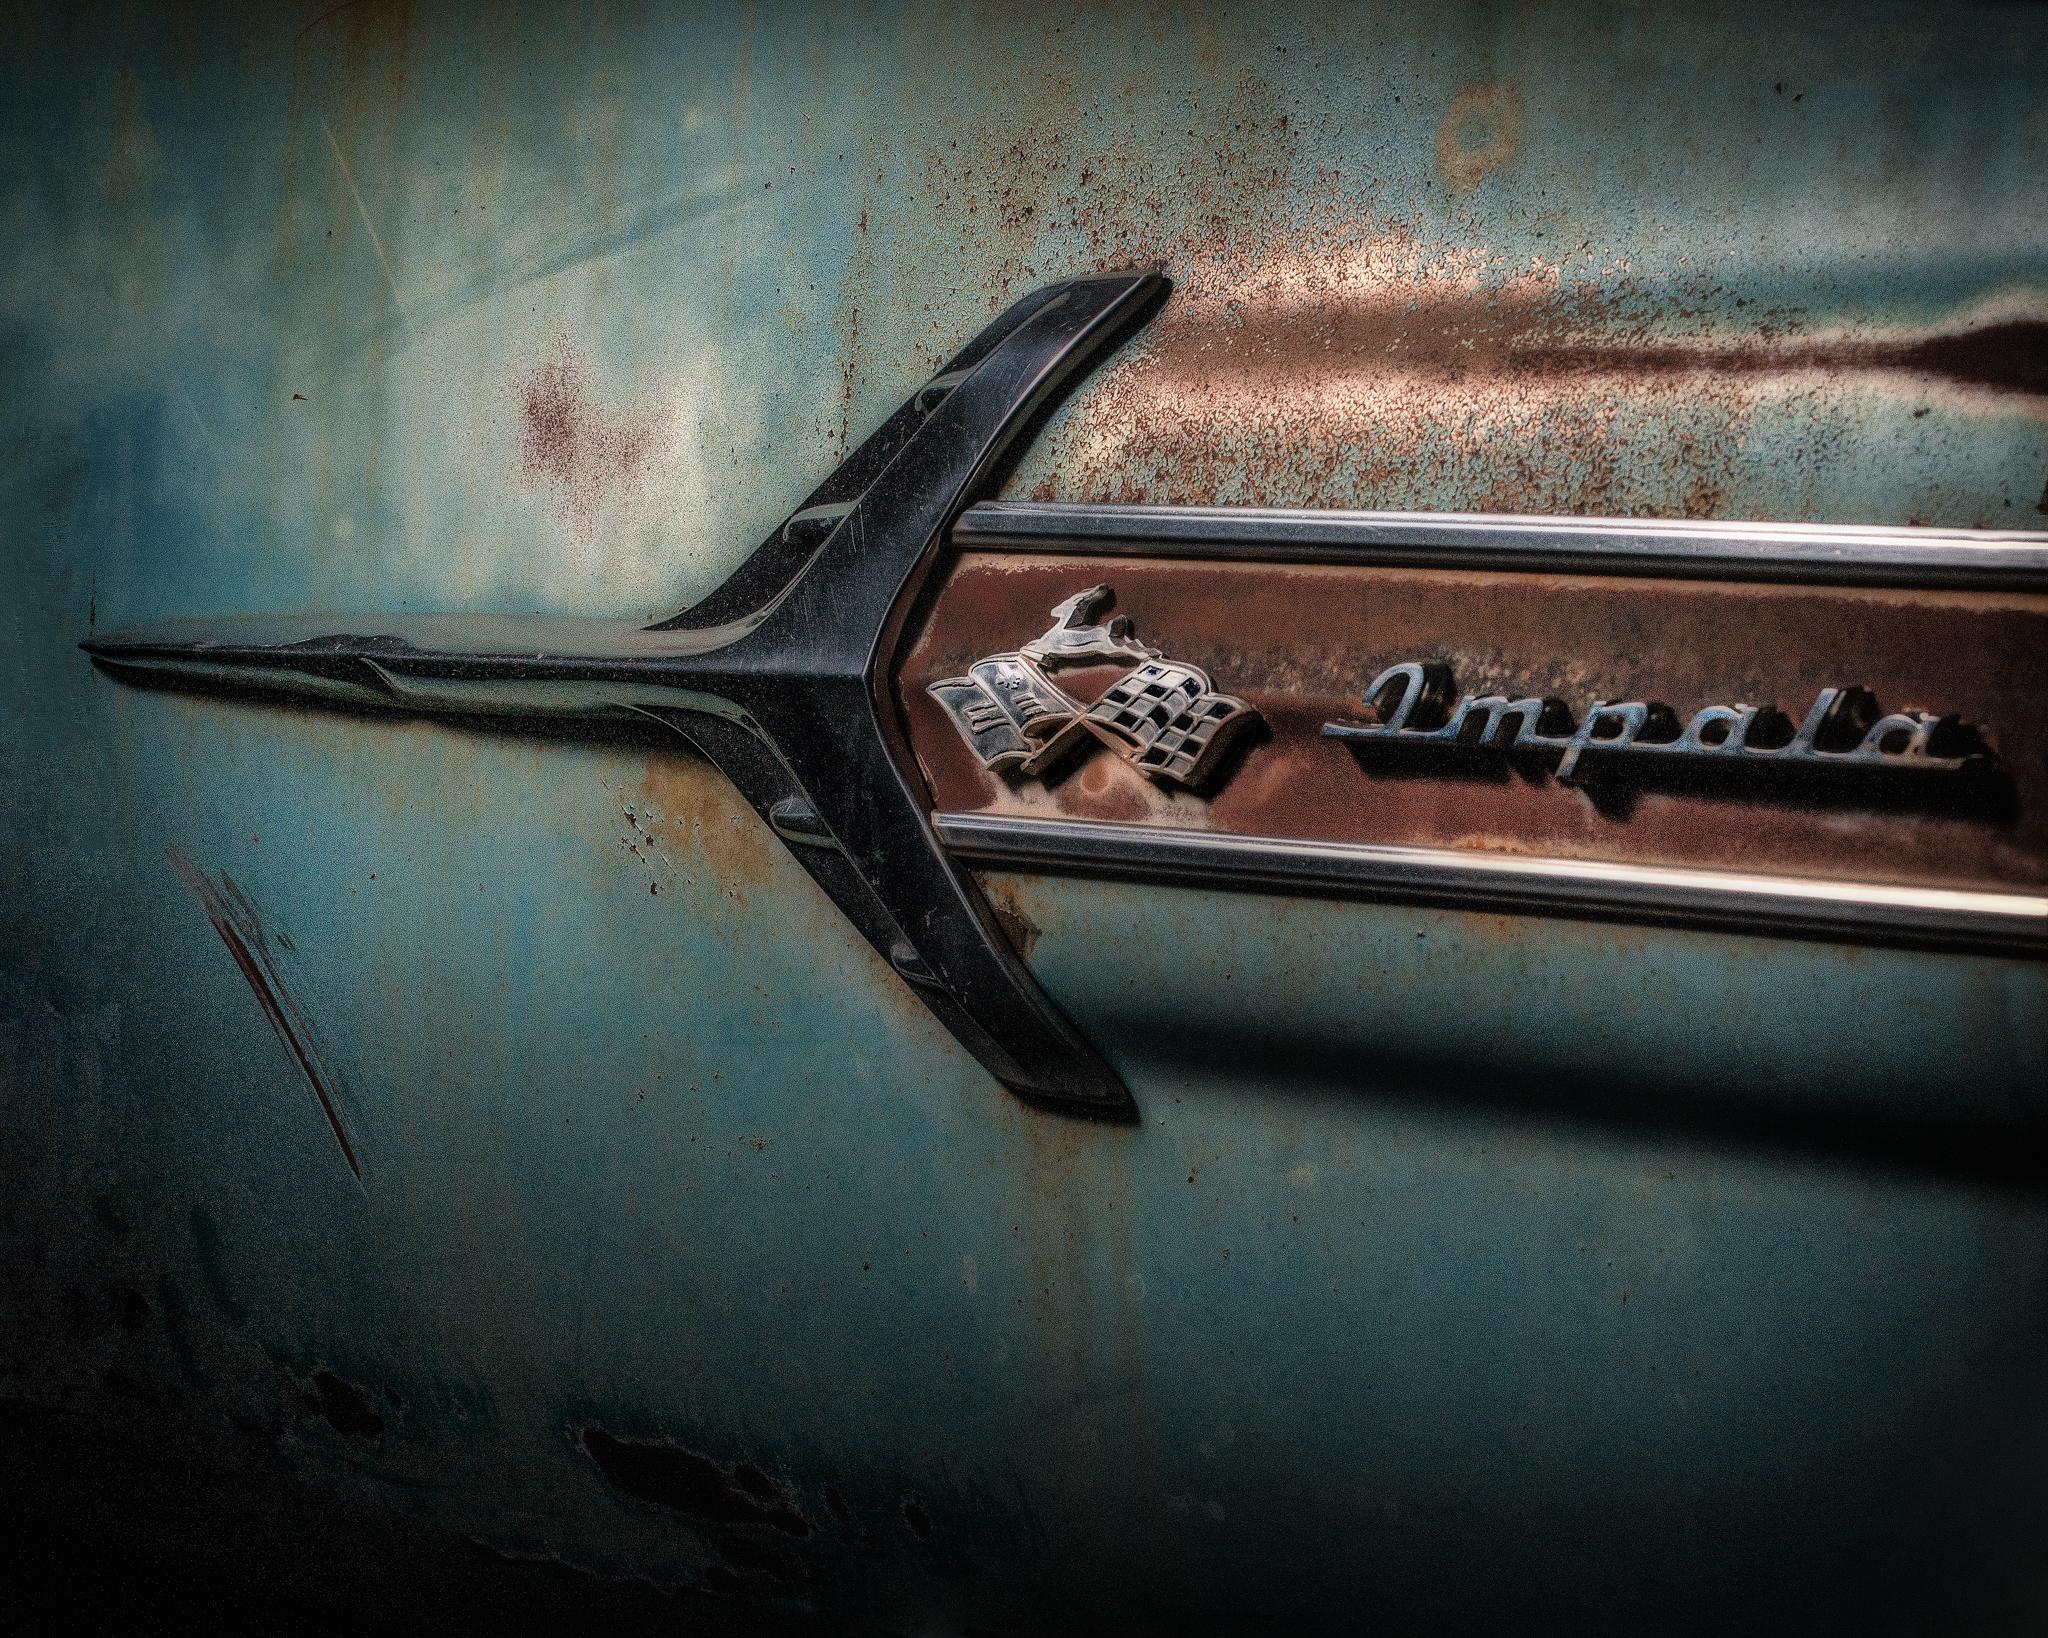 1960 Chevrolet Impala #2